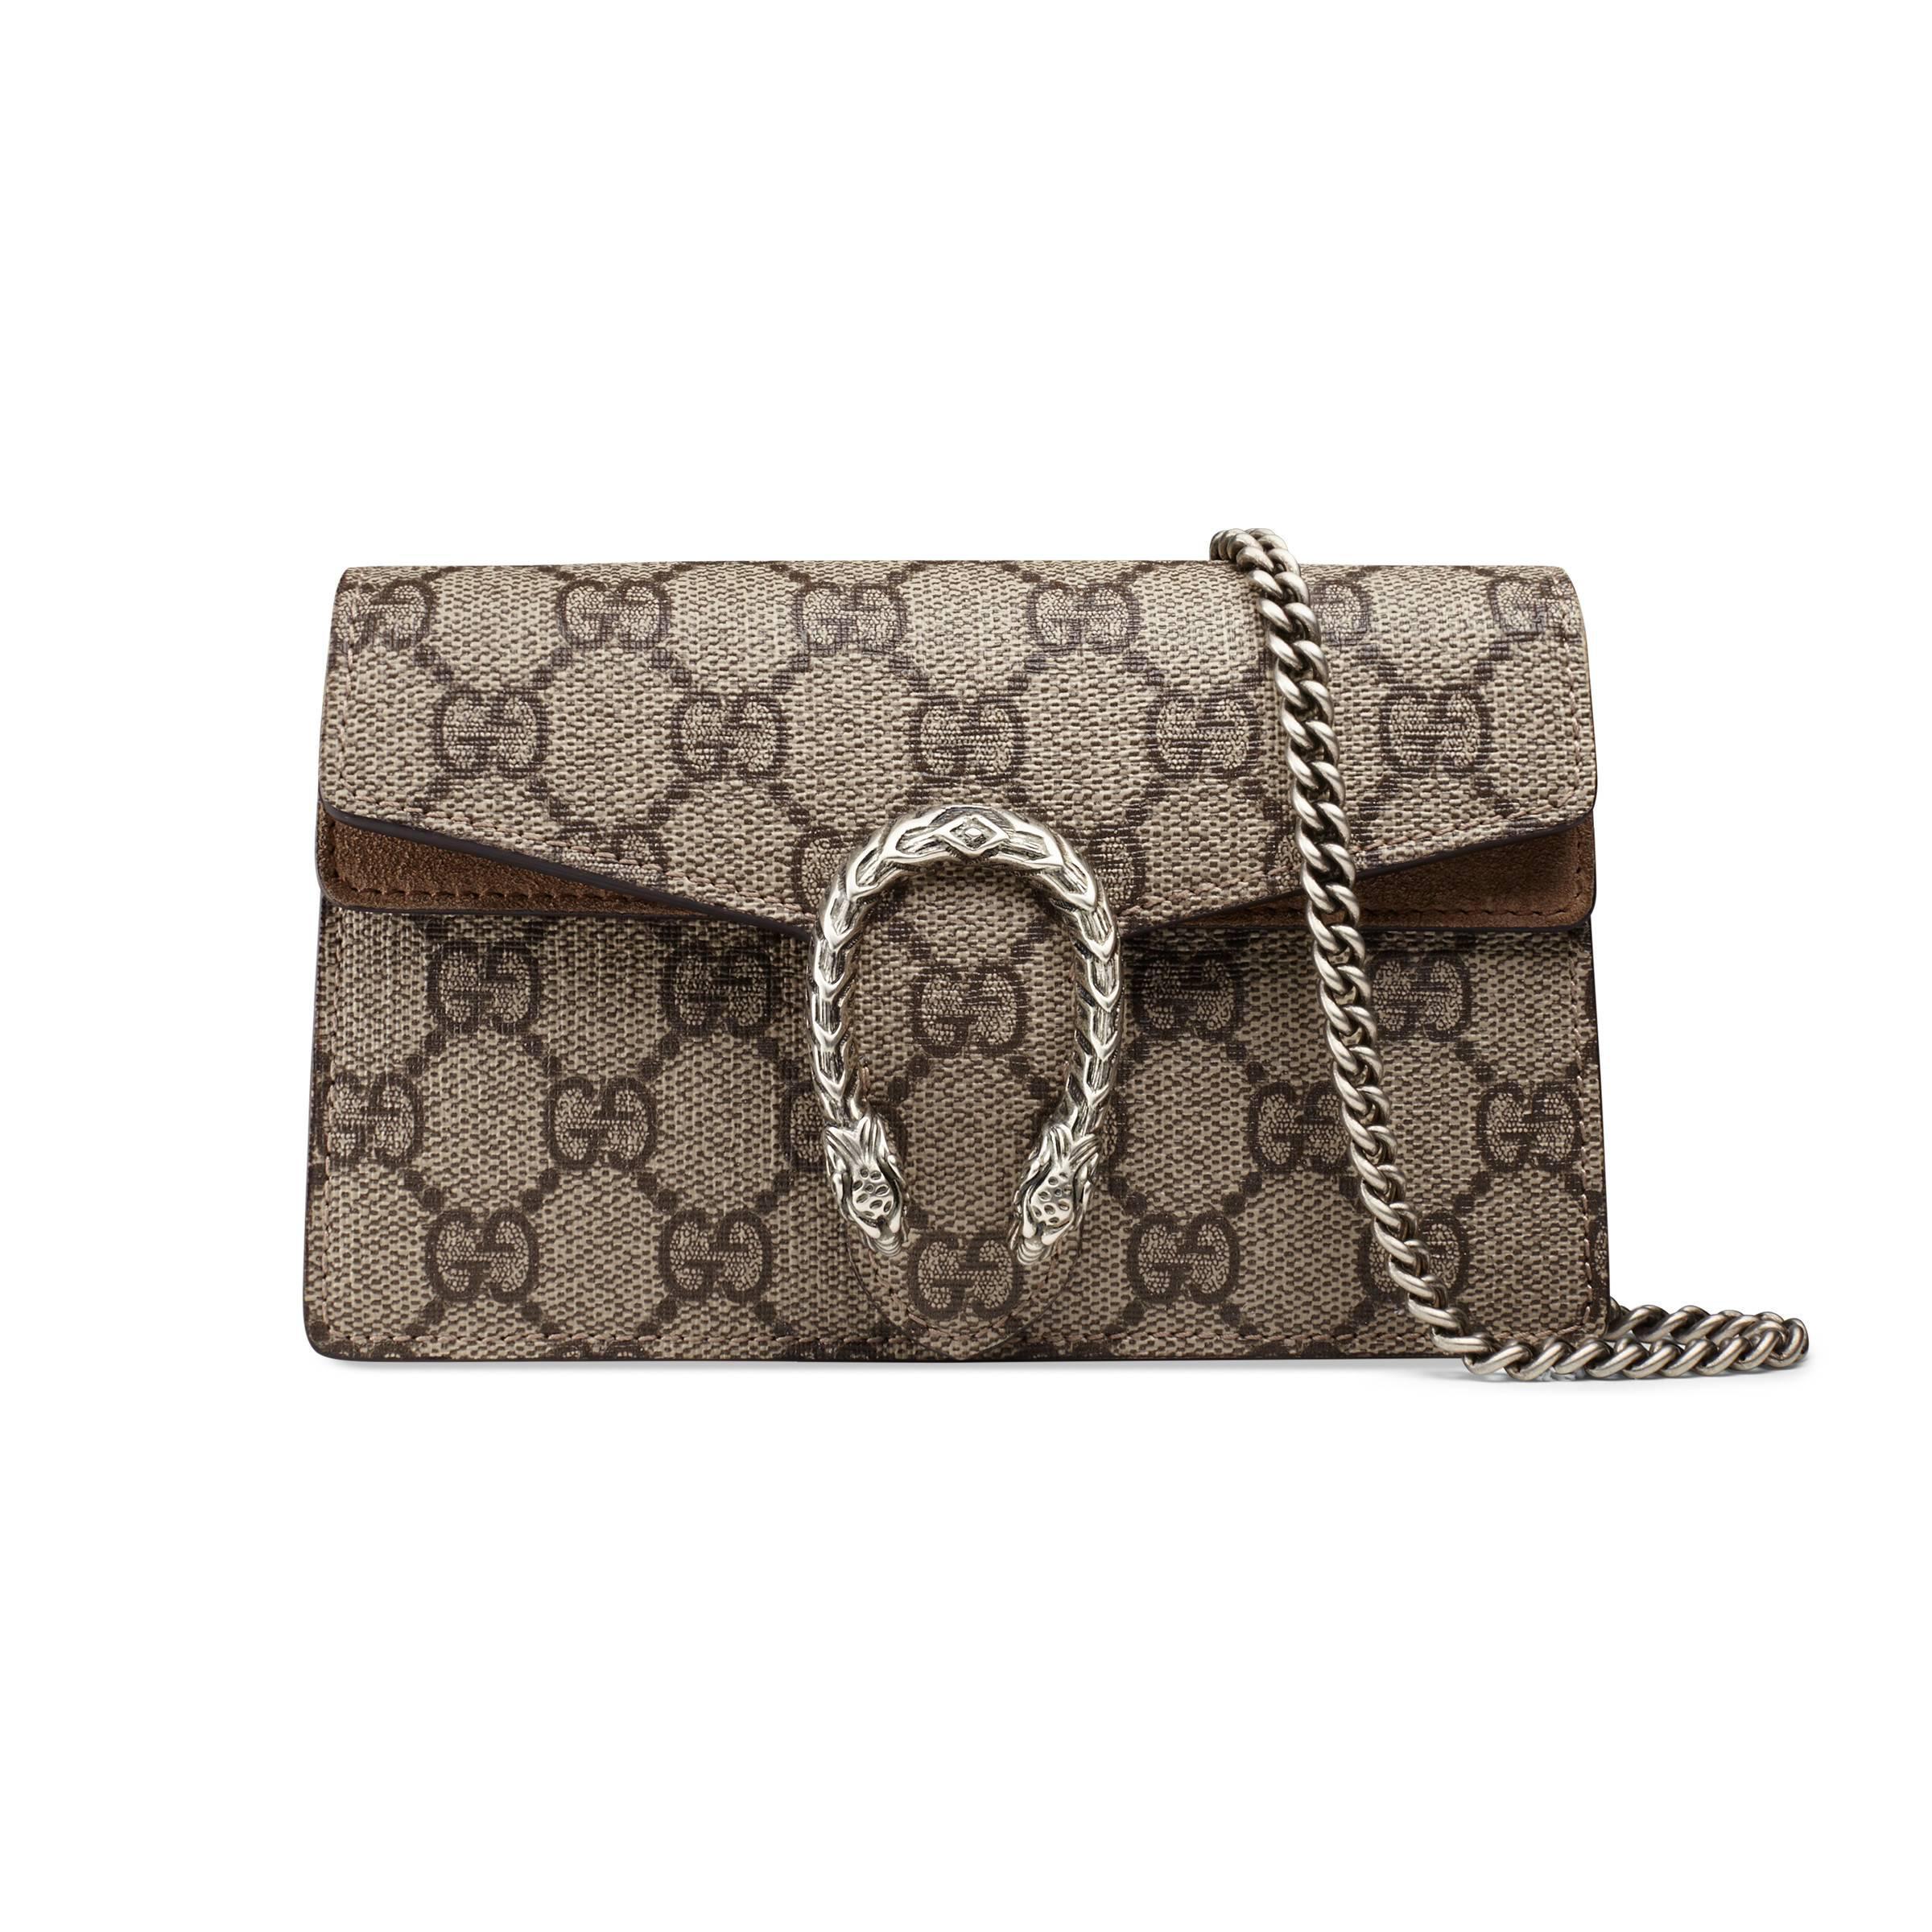 1569d7ed3ab Gucci Dionysus GG Supreme Super Mini Bag in Natural - Lyst